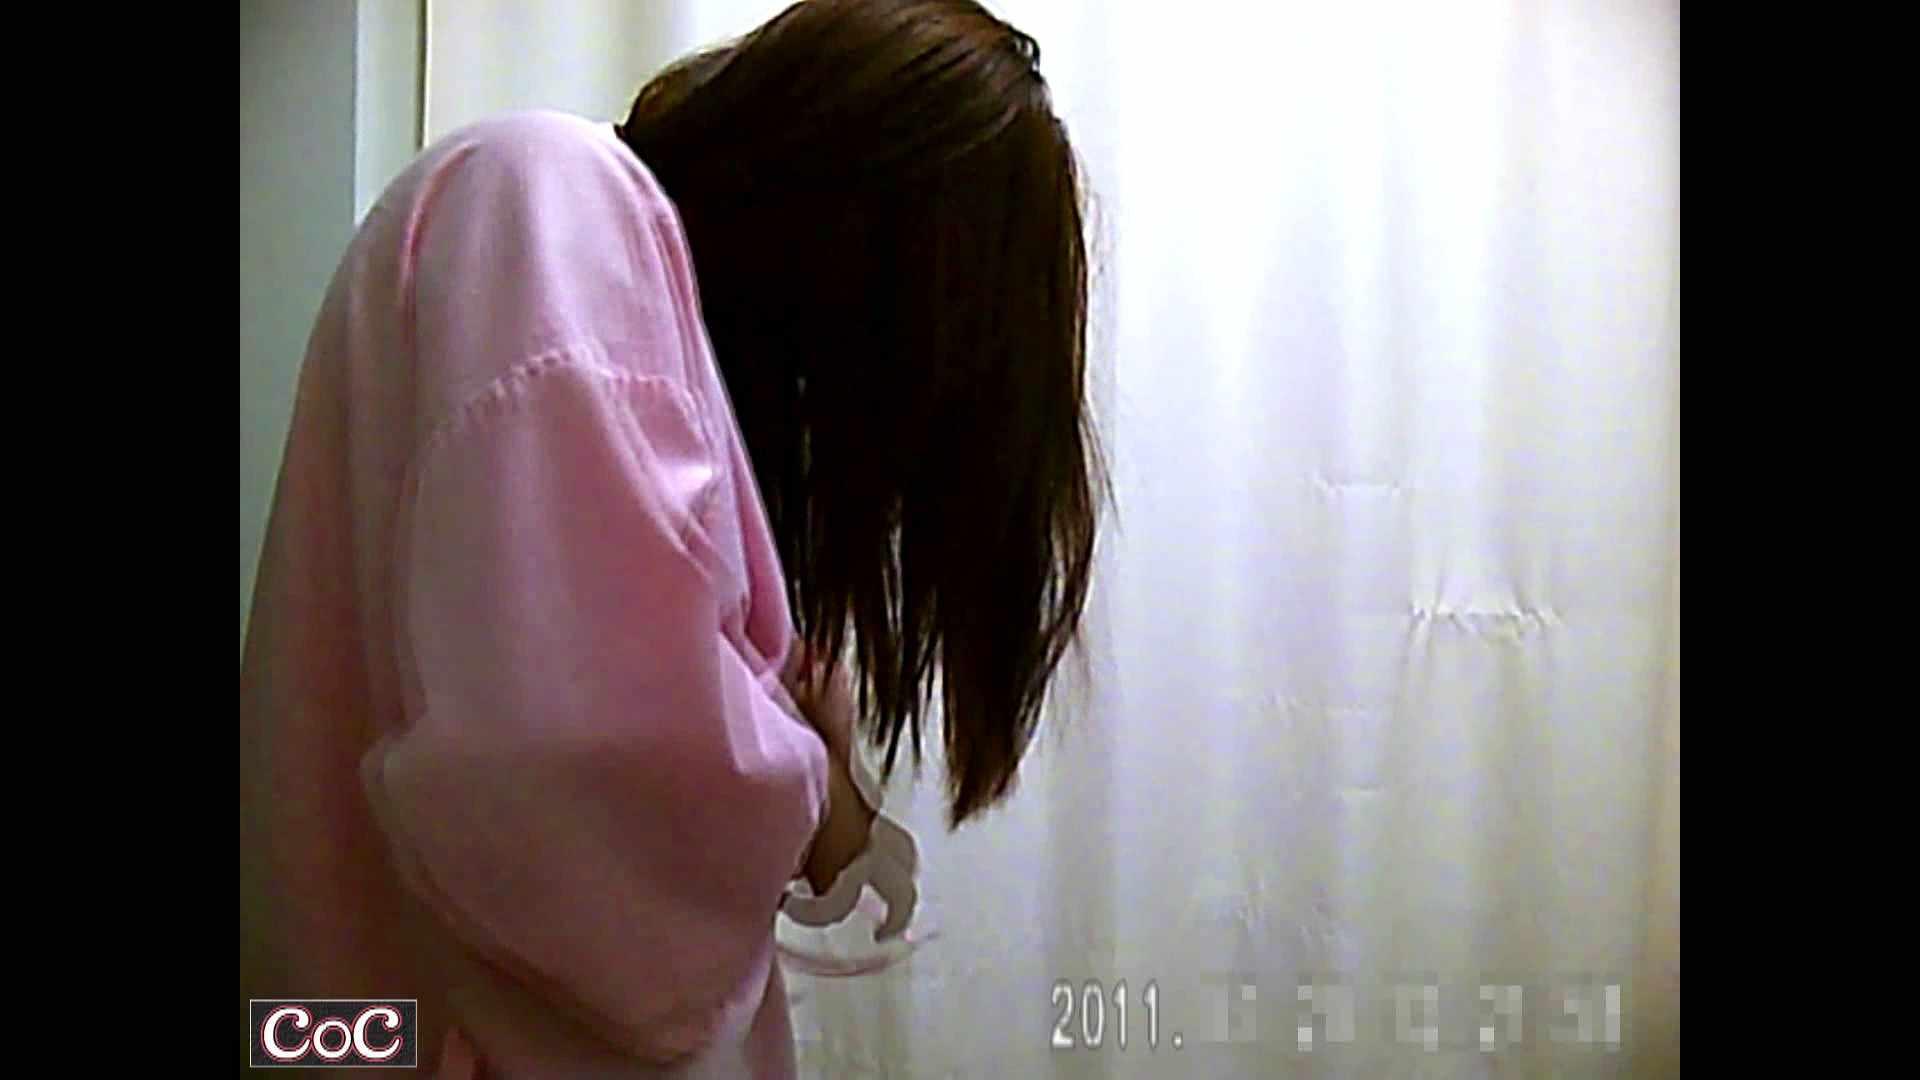 病院おもいっきり着替え! vol.04 巨乳 のぞき動画画像 113PICs 6